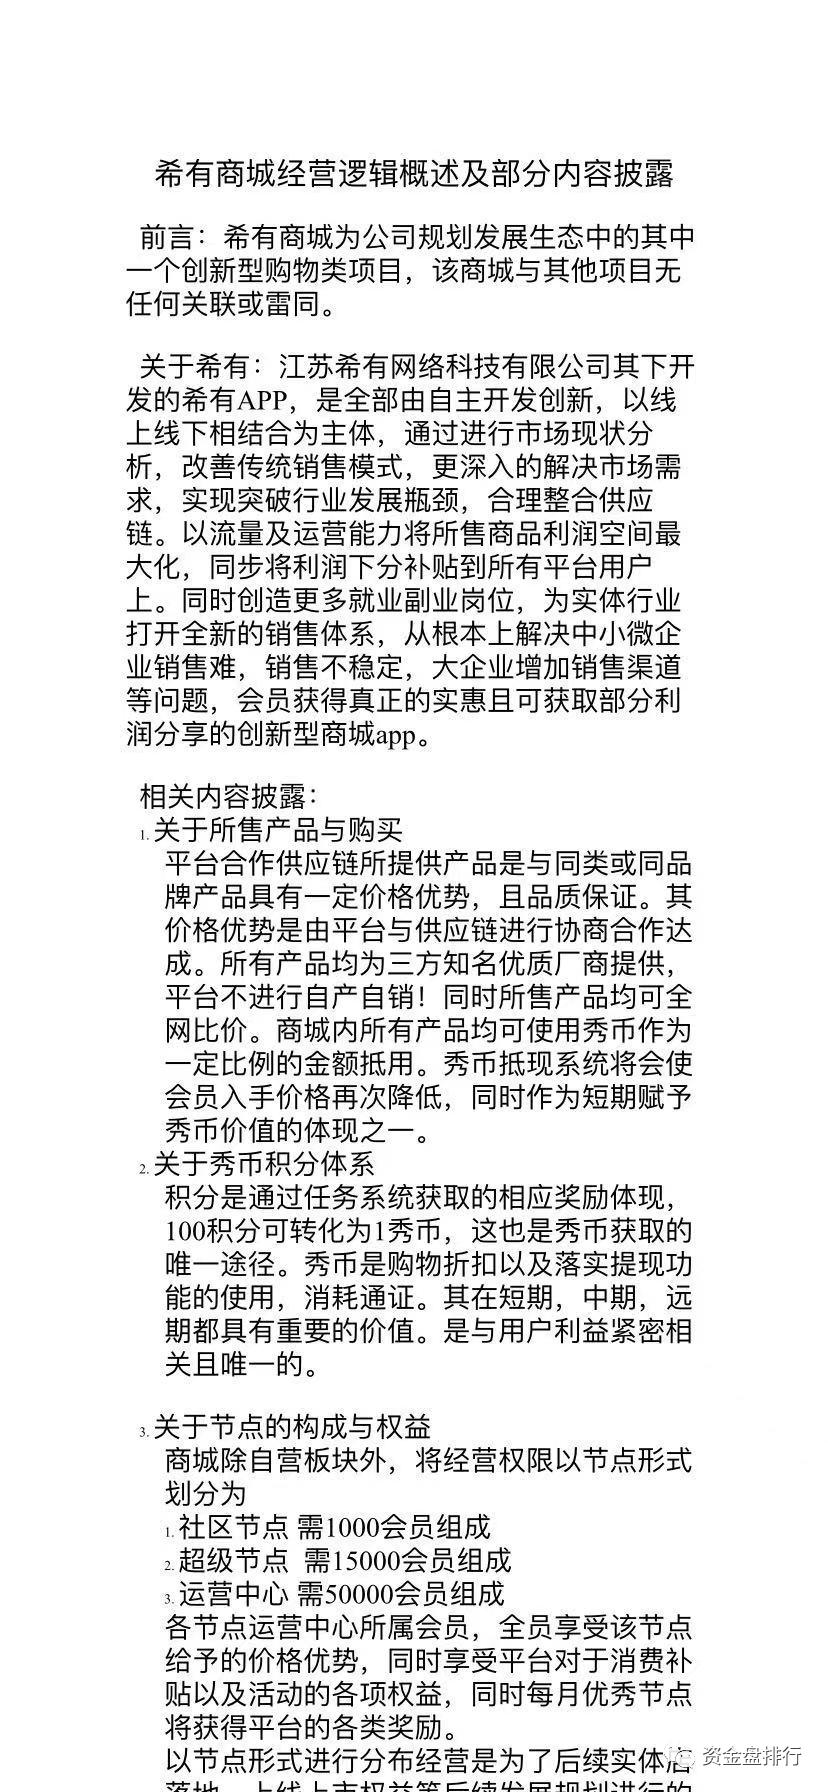 """【曝光】""""慈善币""""新项目刚启动,负责人就卷款跑路了!!!插图7"""